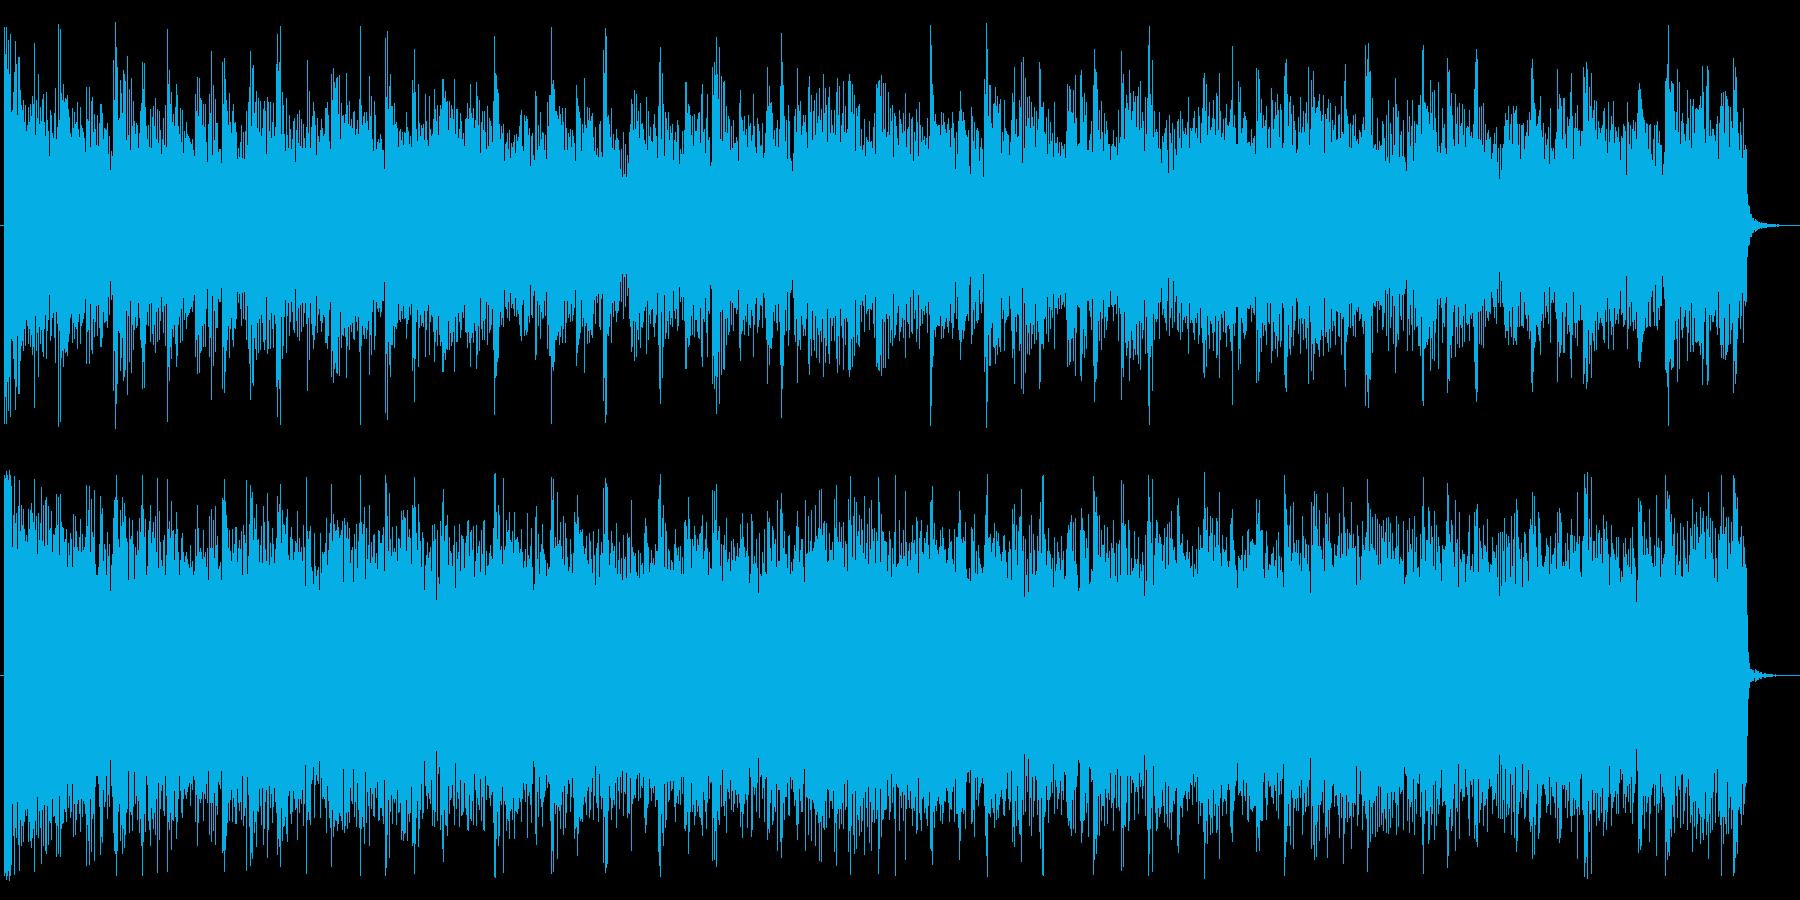 重厚/シンプル/ロック_No600_4の再生済みの波形